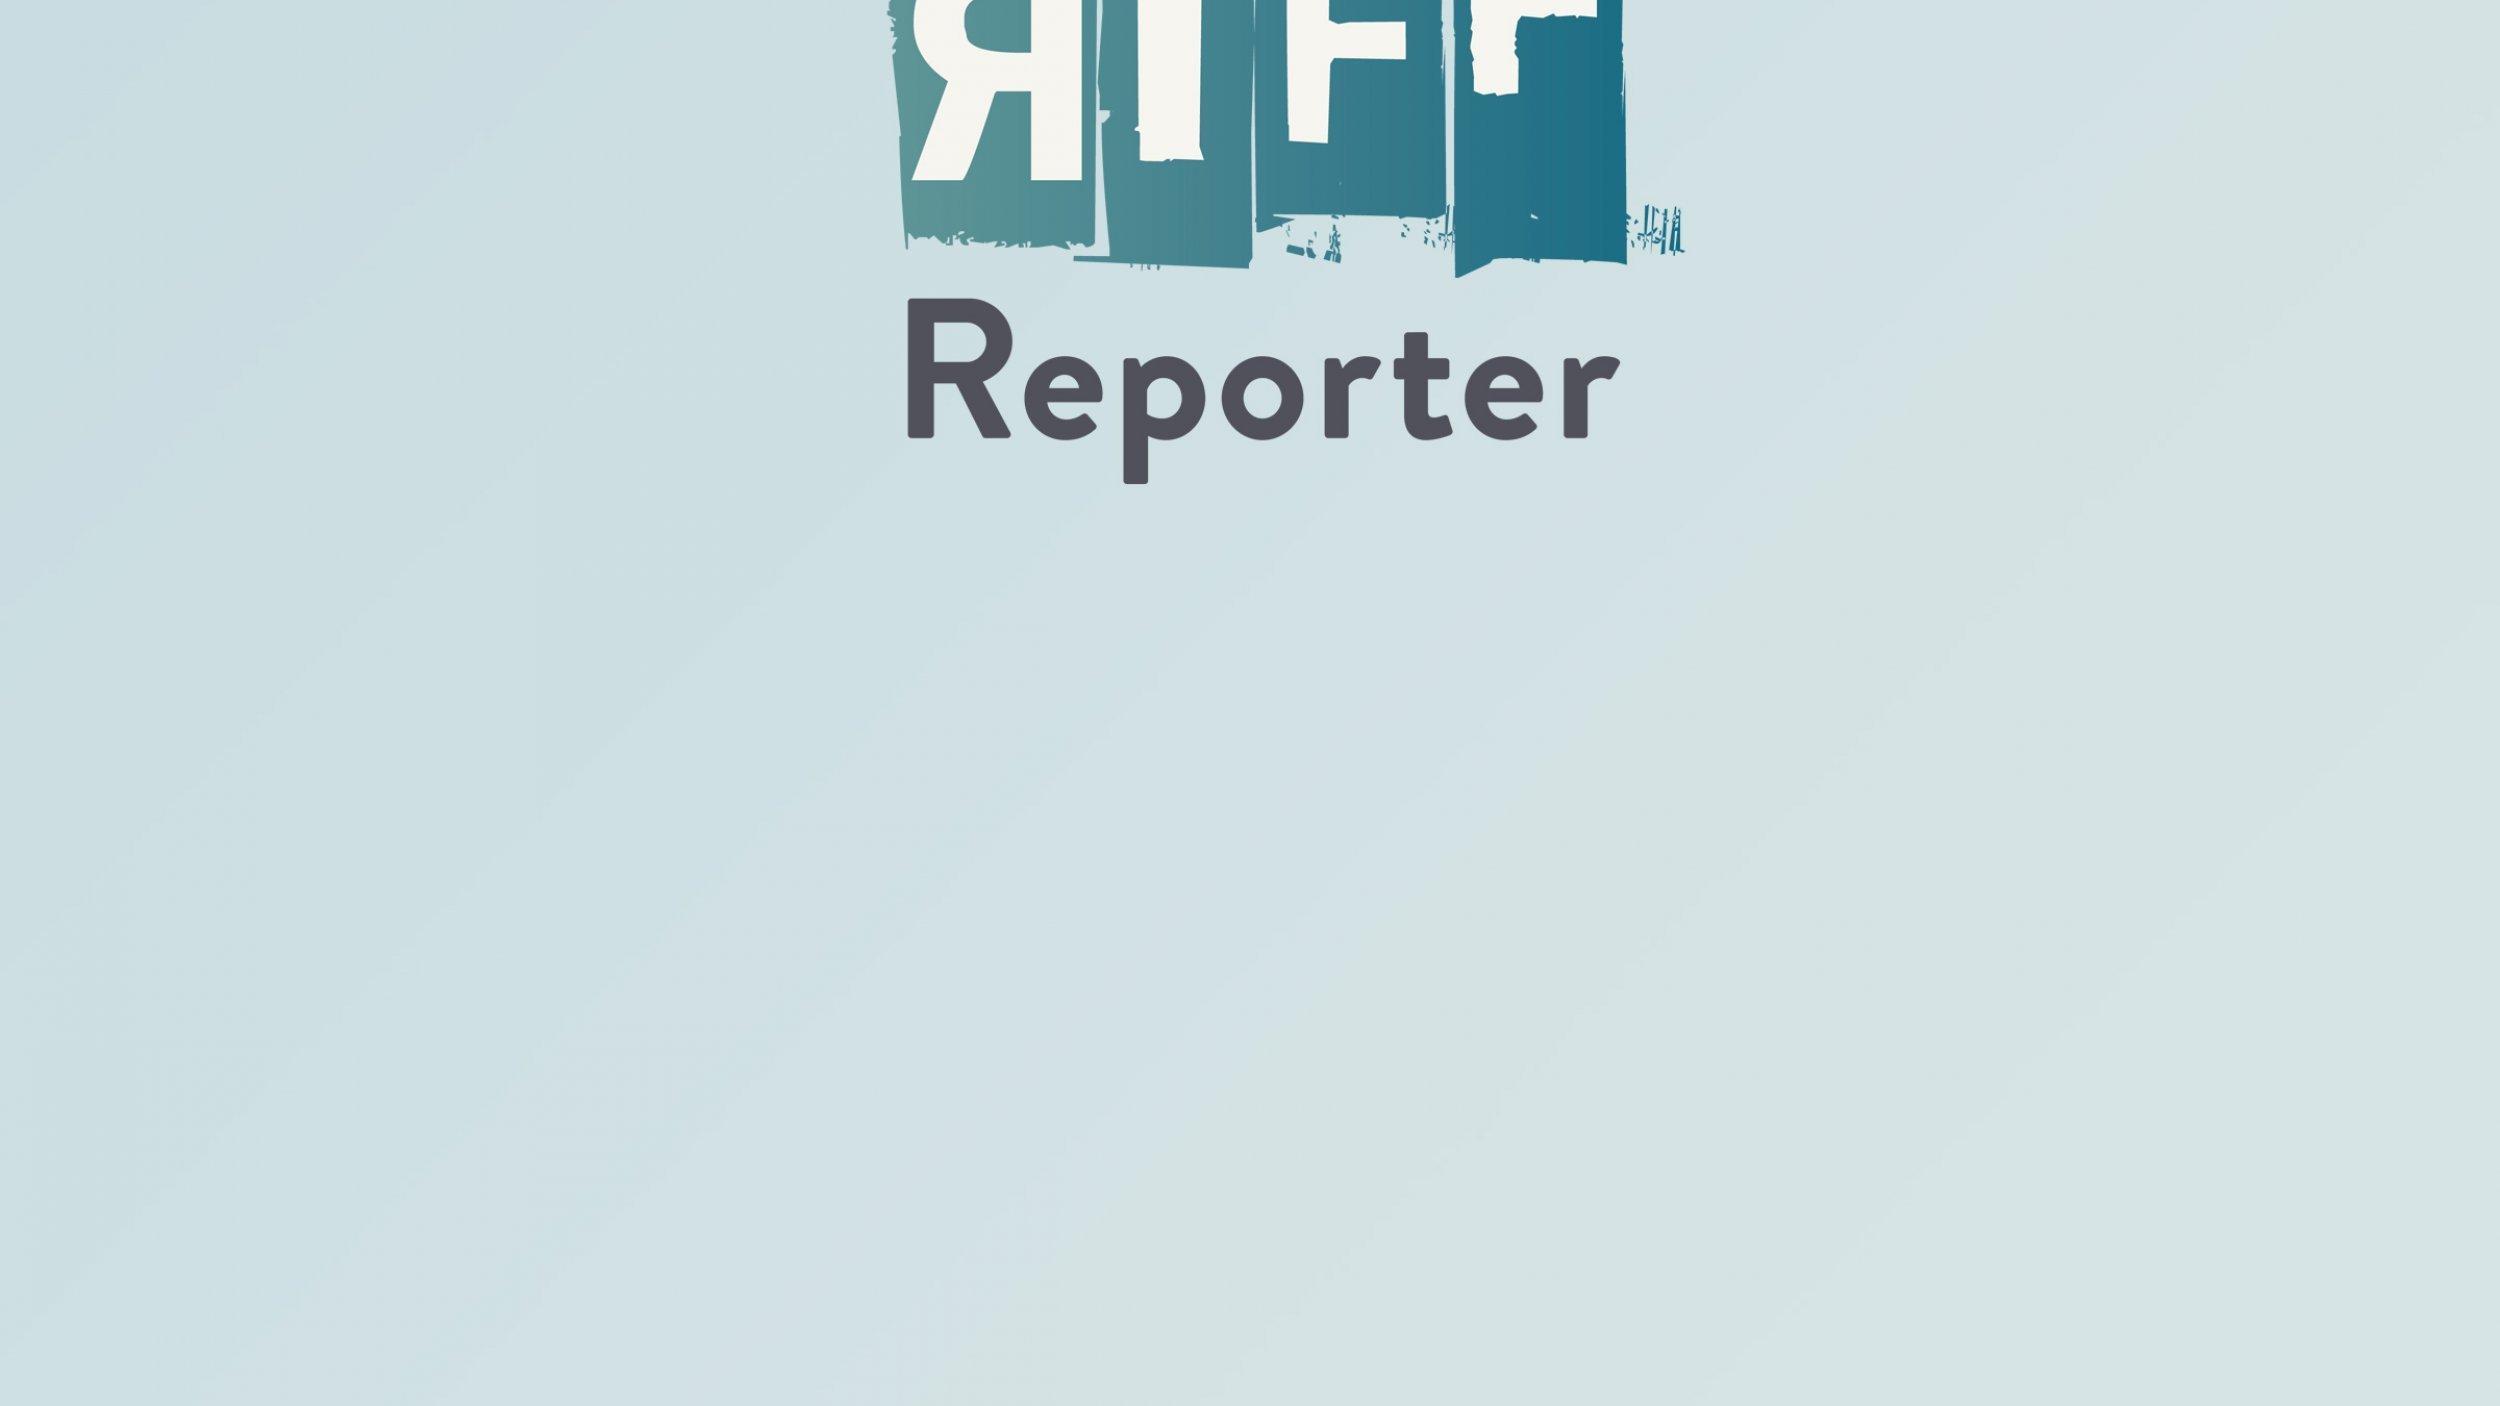 Menschen drängen sich beim Einkaufen in einer typischen deutschen Fußgängerzone. Einige tragen Gesichtsmasken zum Schutz vor einer Coronainfektion.